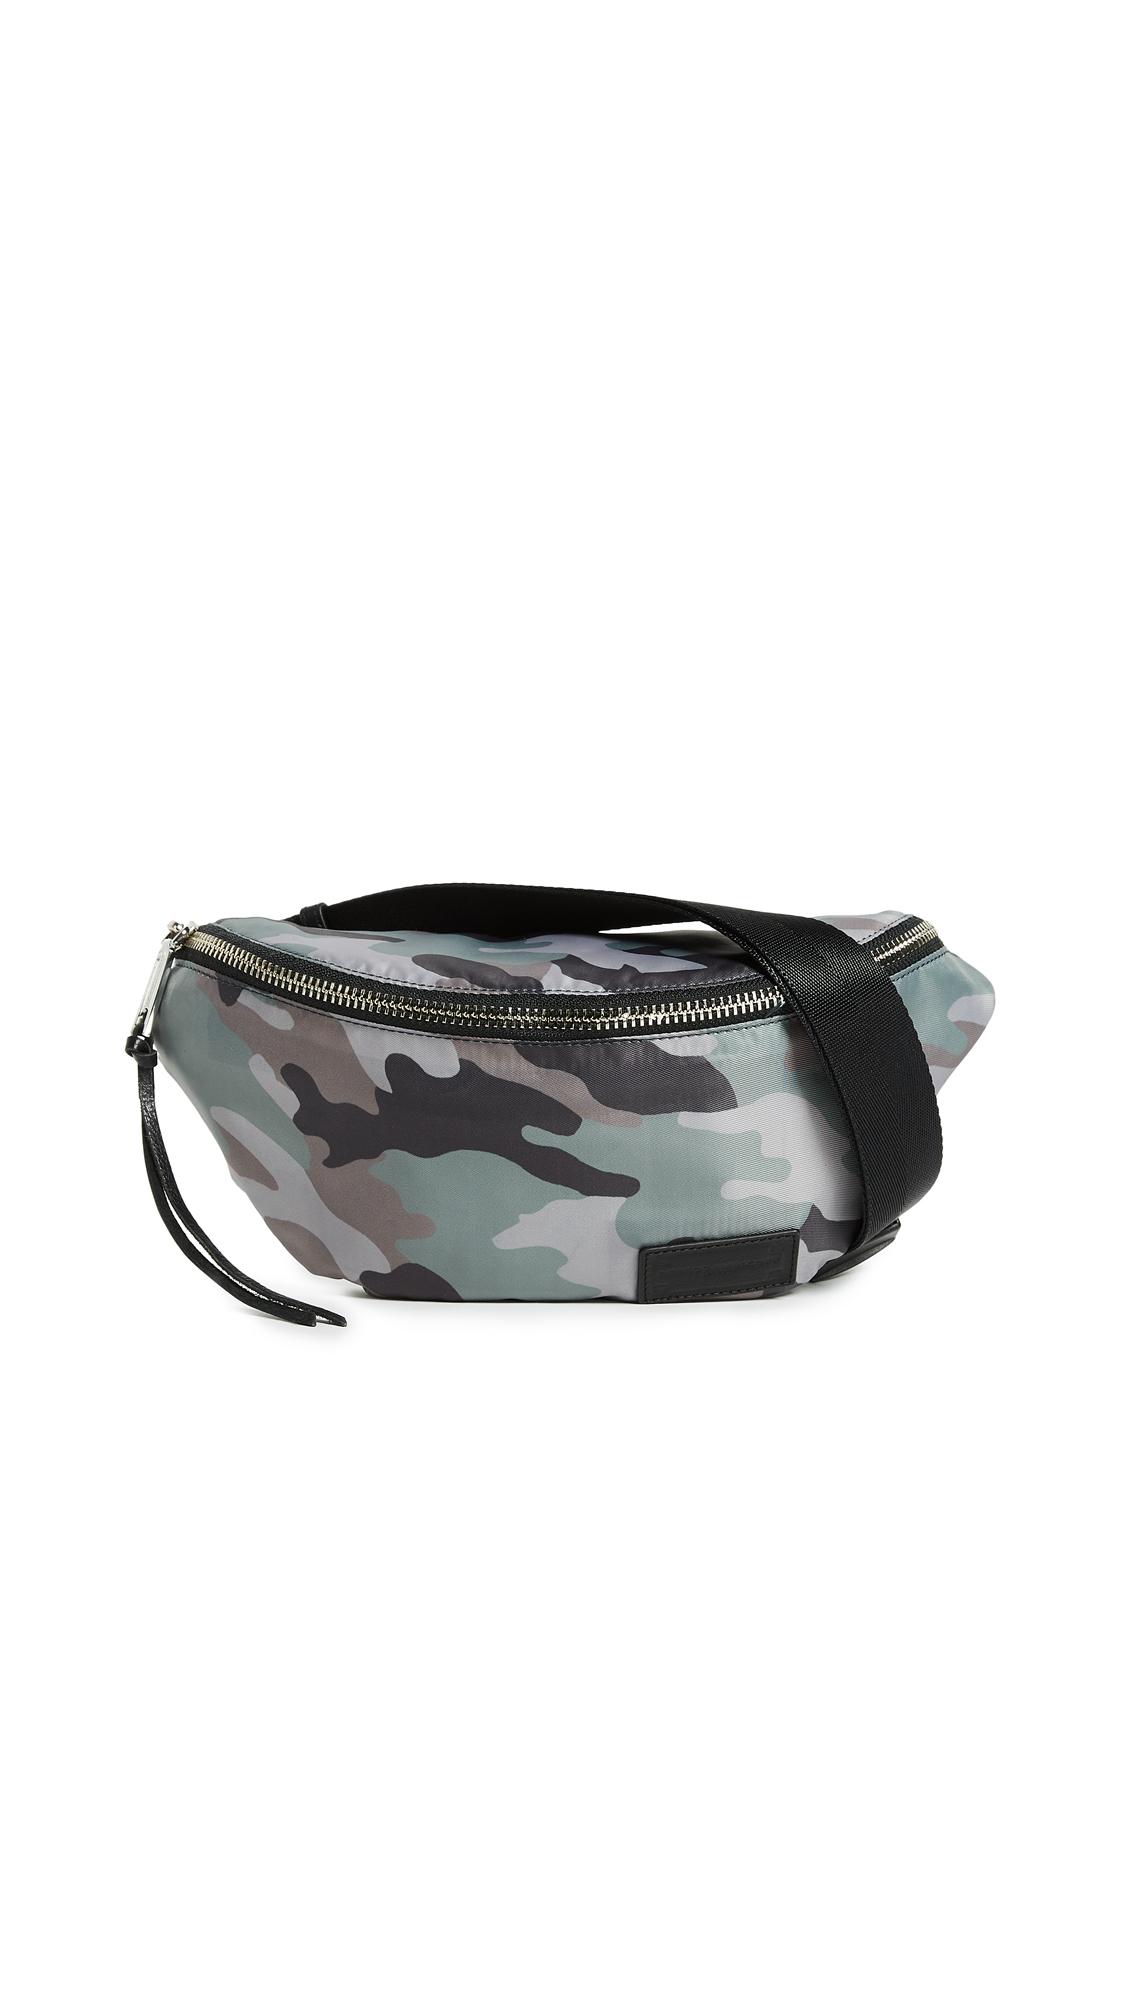 Rebecca Minkoff Nylon Belt Bag